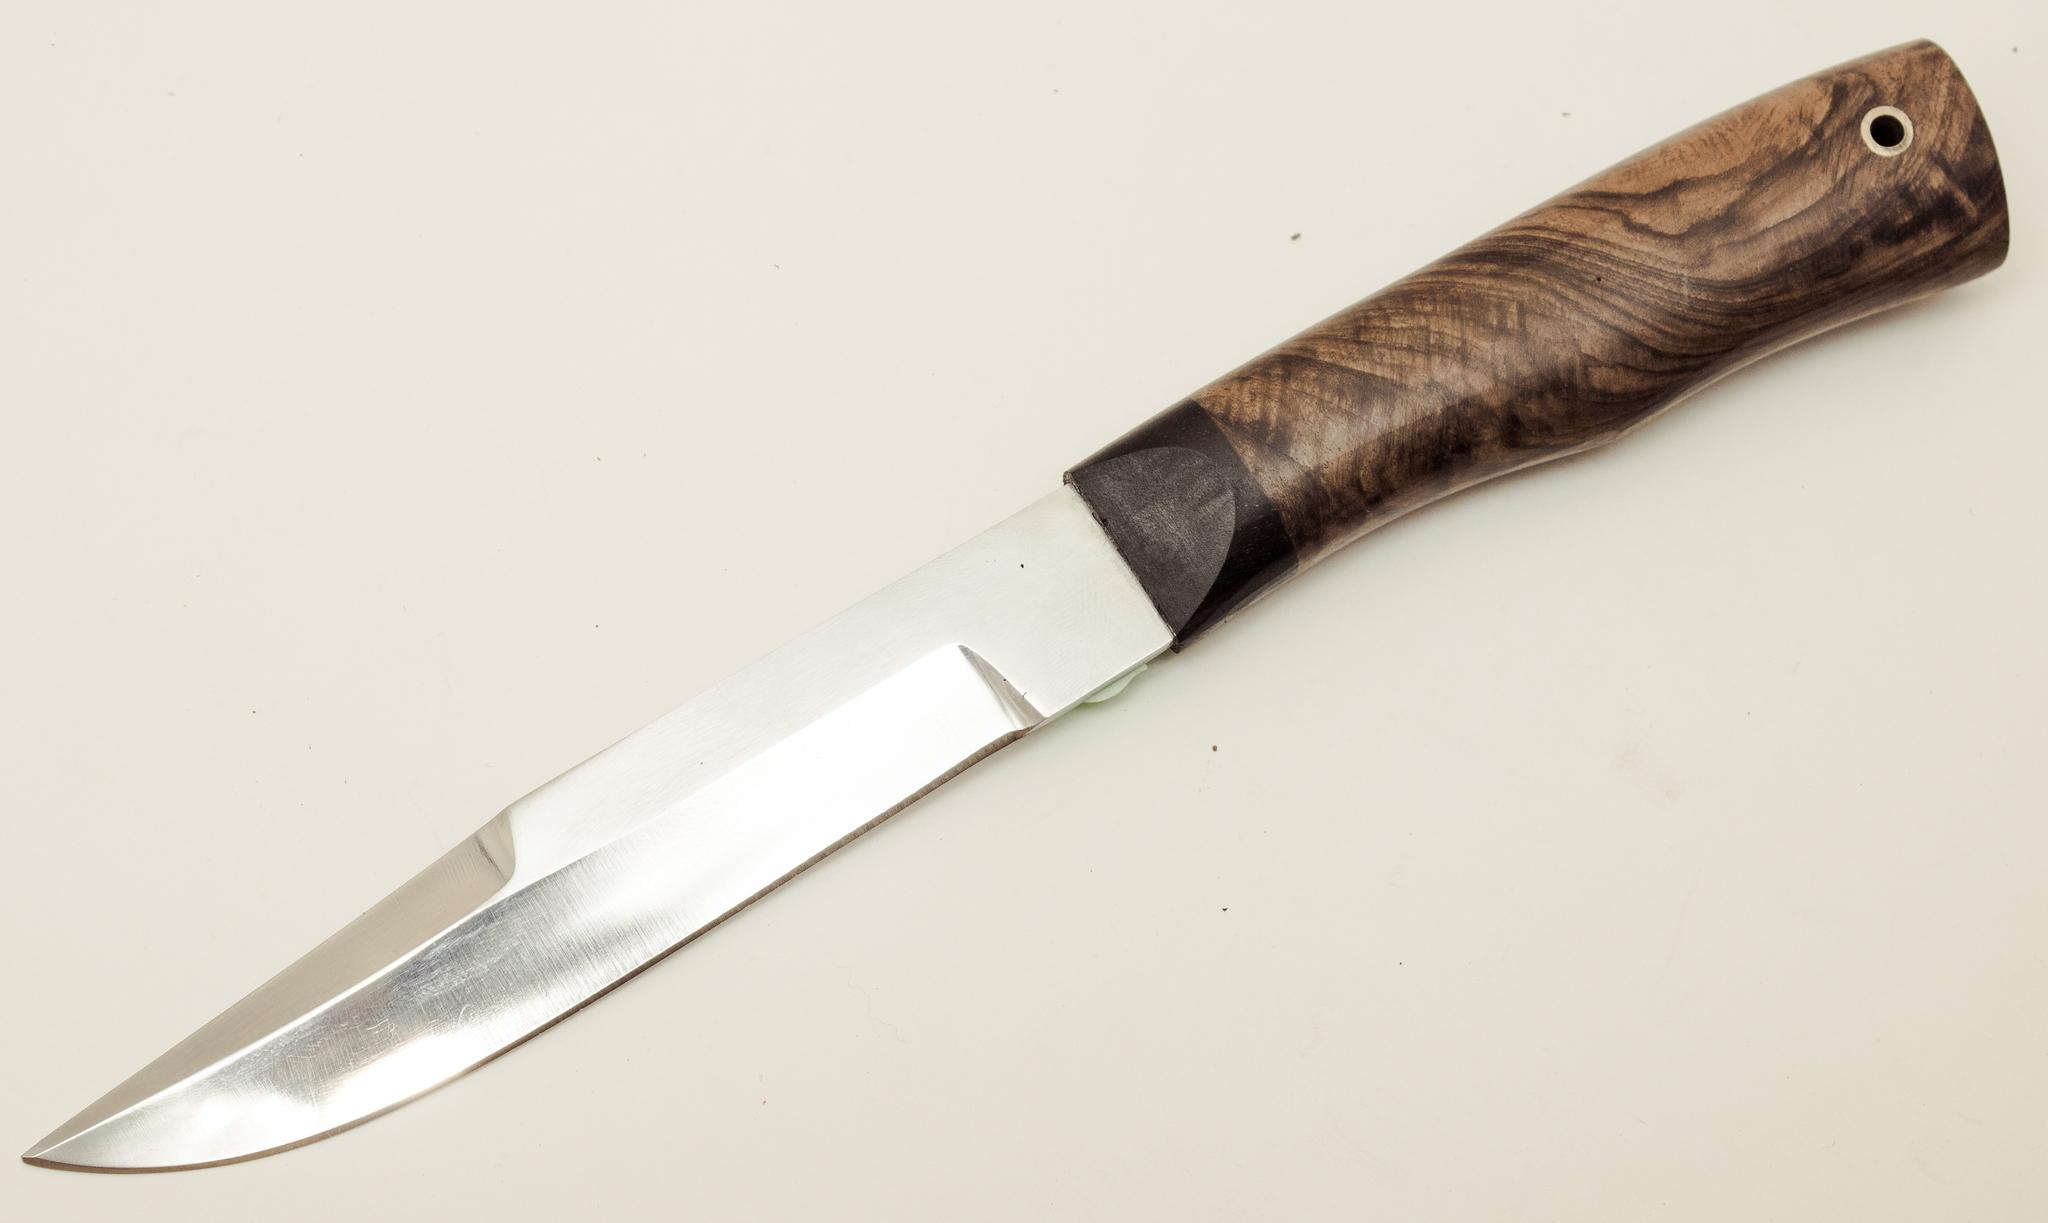 Фото 10 - Универсальный нож Смерч, кованая сталь от Павловские ножи